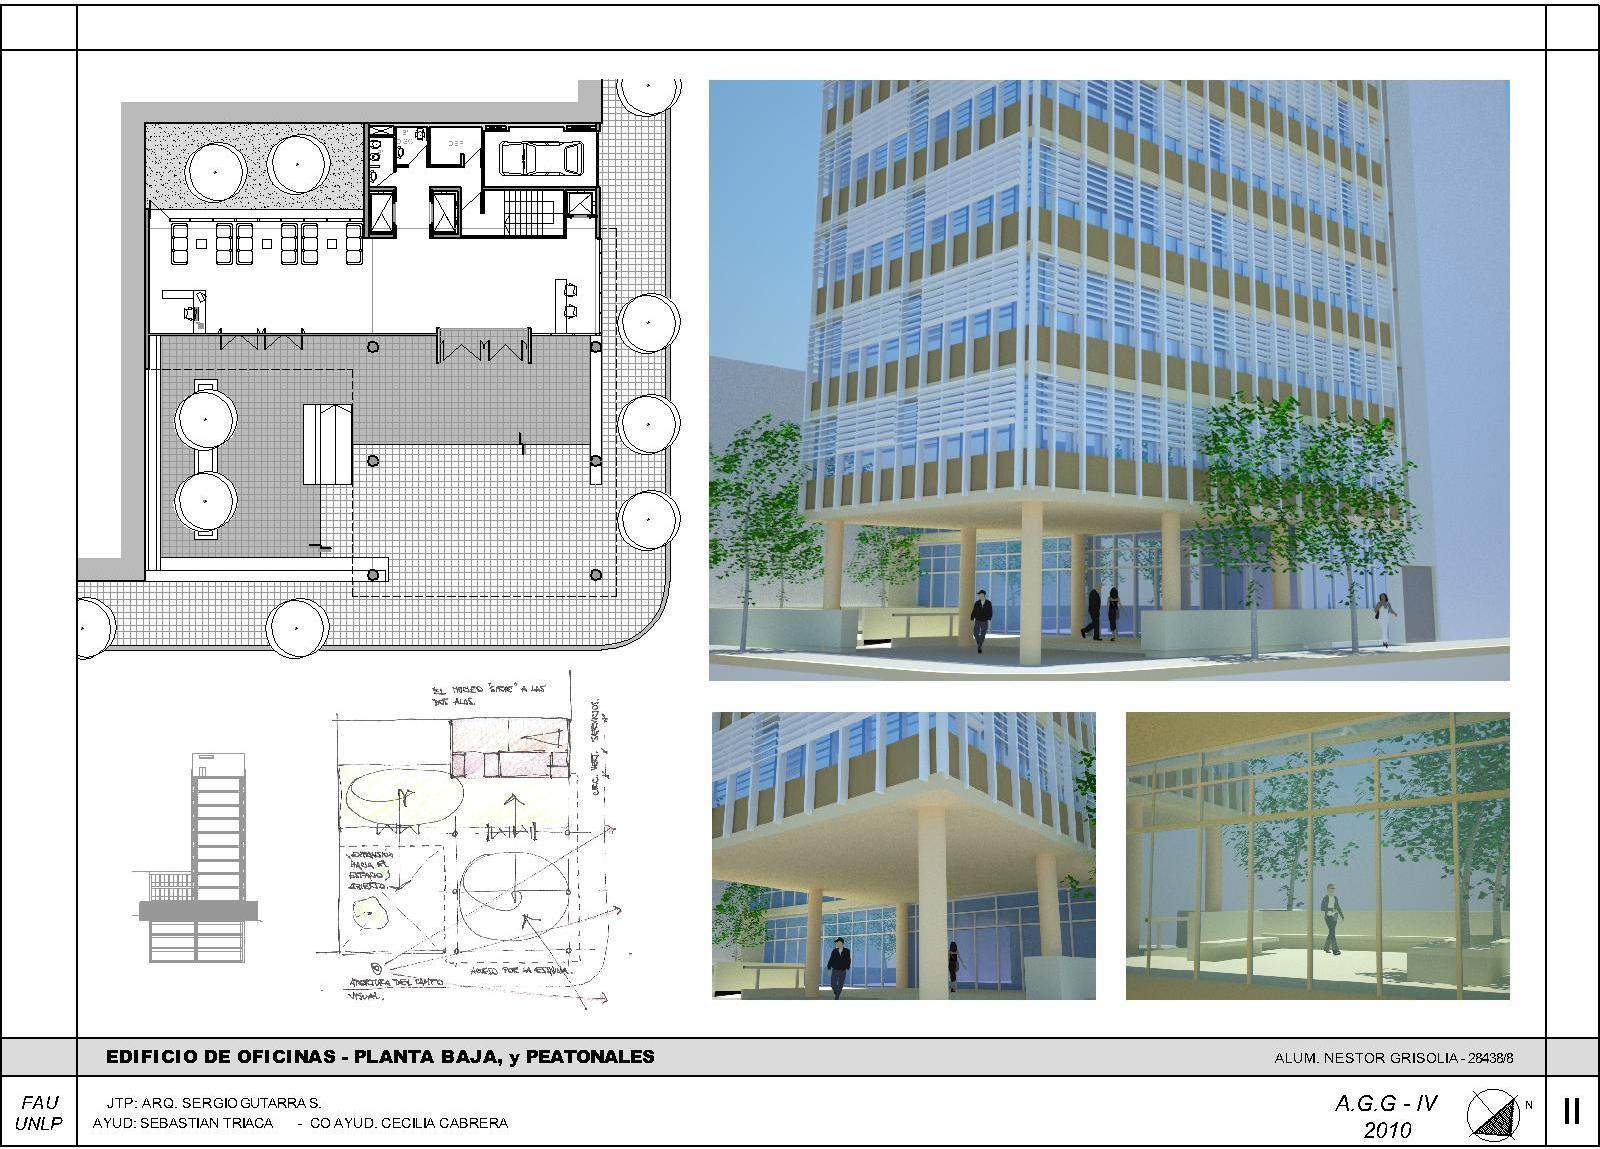 agg lp 4 entrega edificio de oficinas nestor grisolia